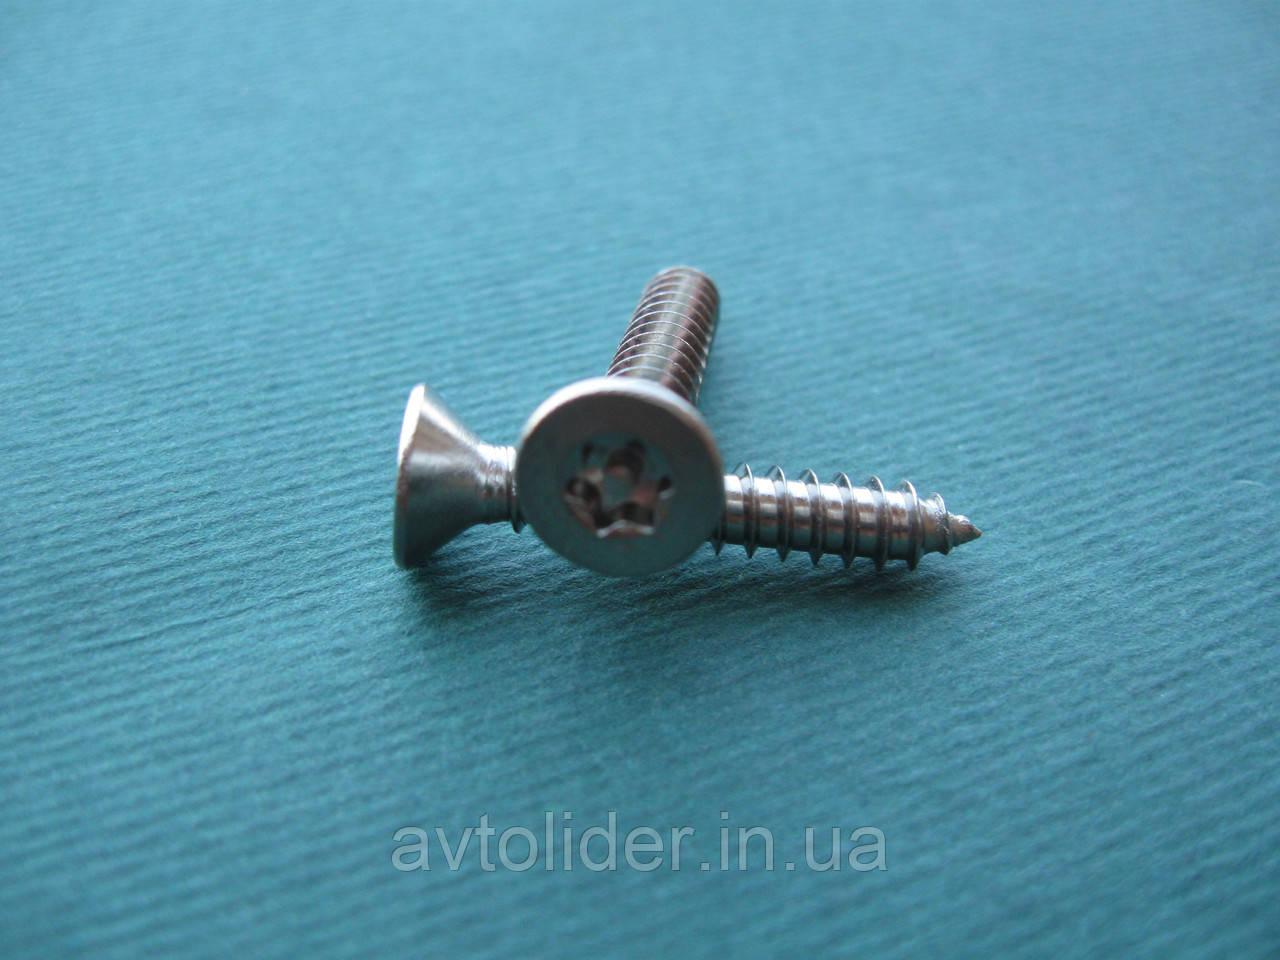 Нержавіючий антивандальний шуруп з потайною голівкою, TORX+PIN